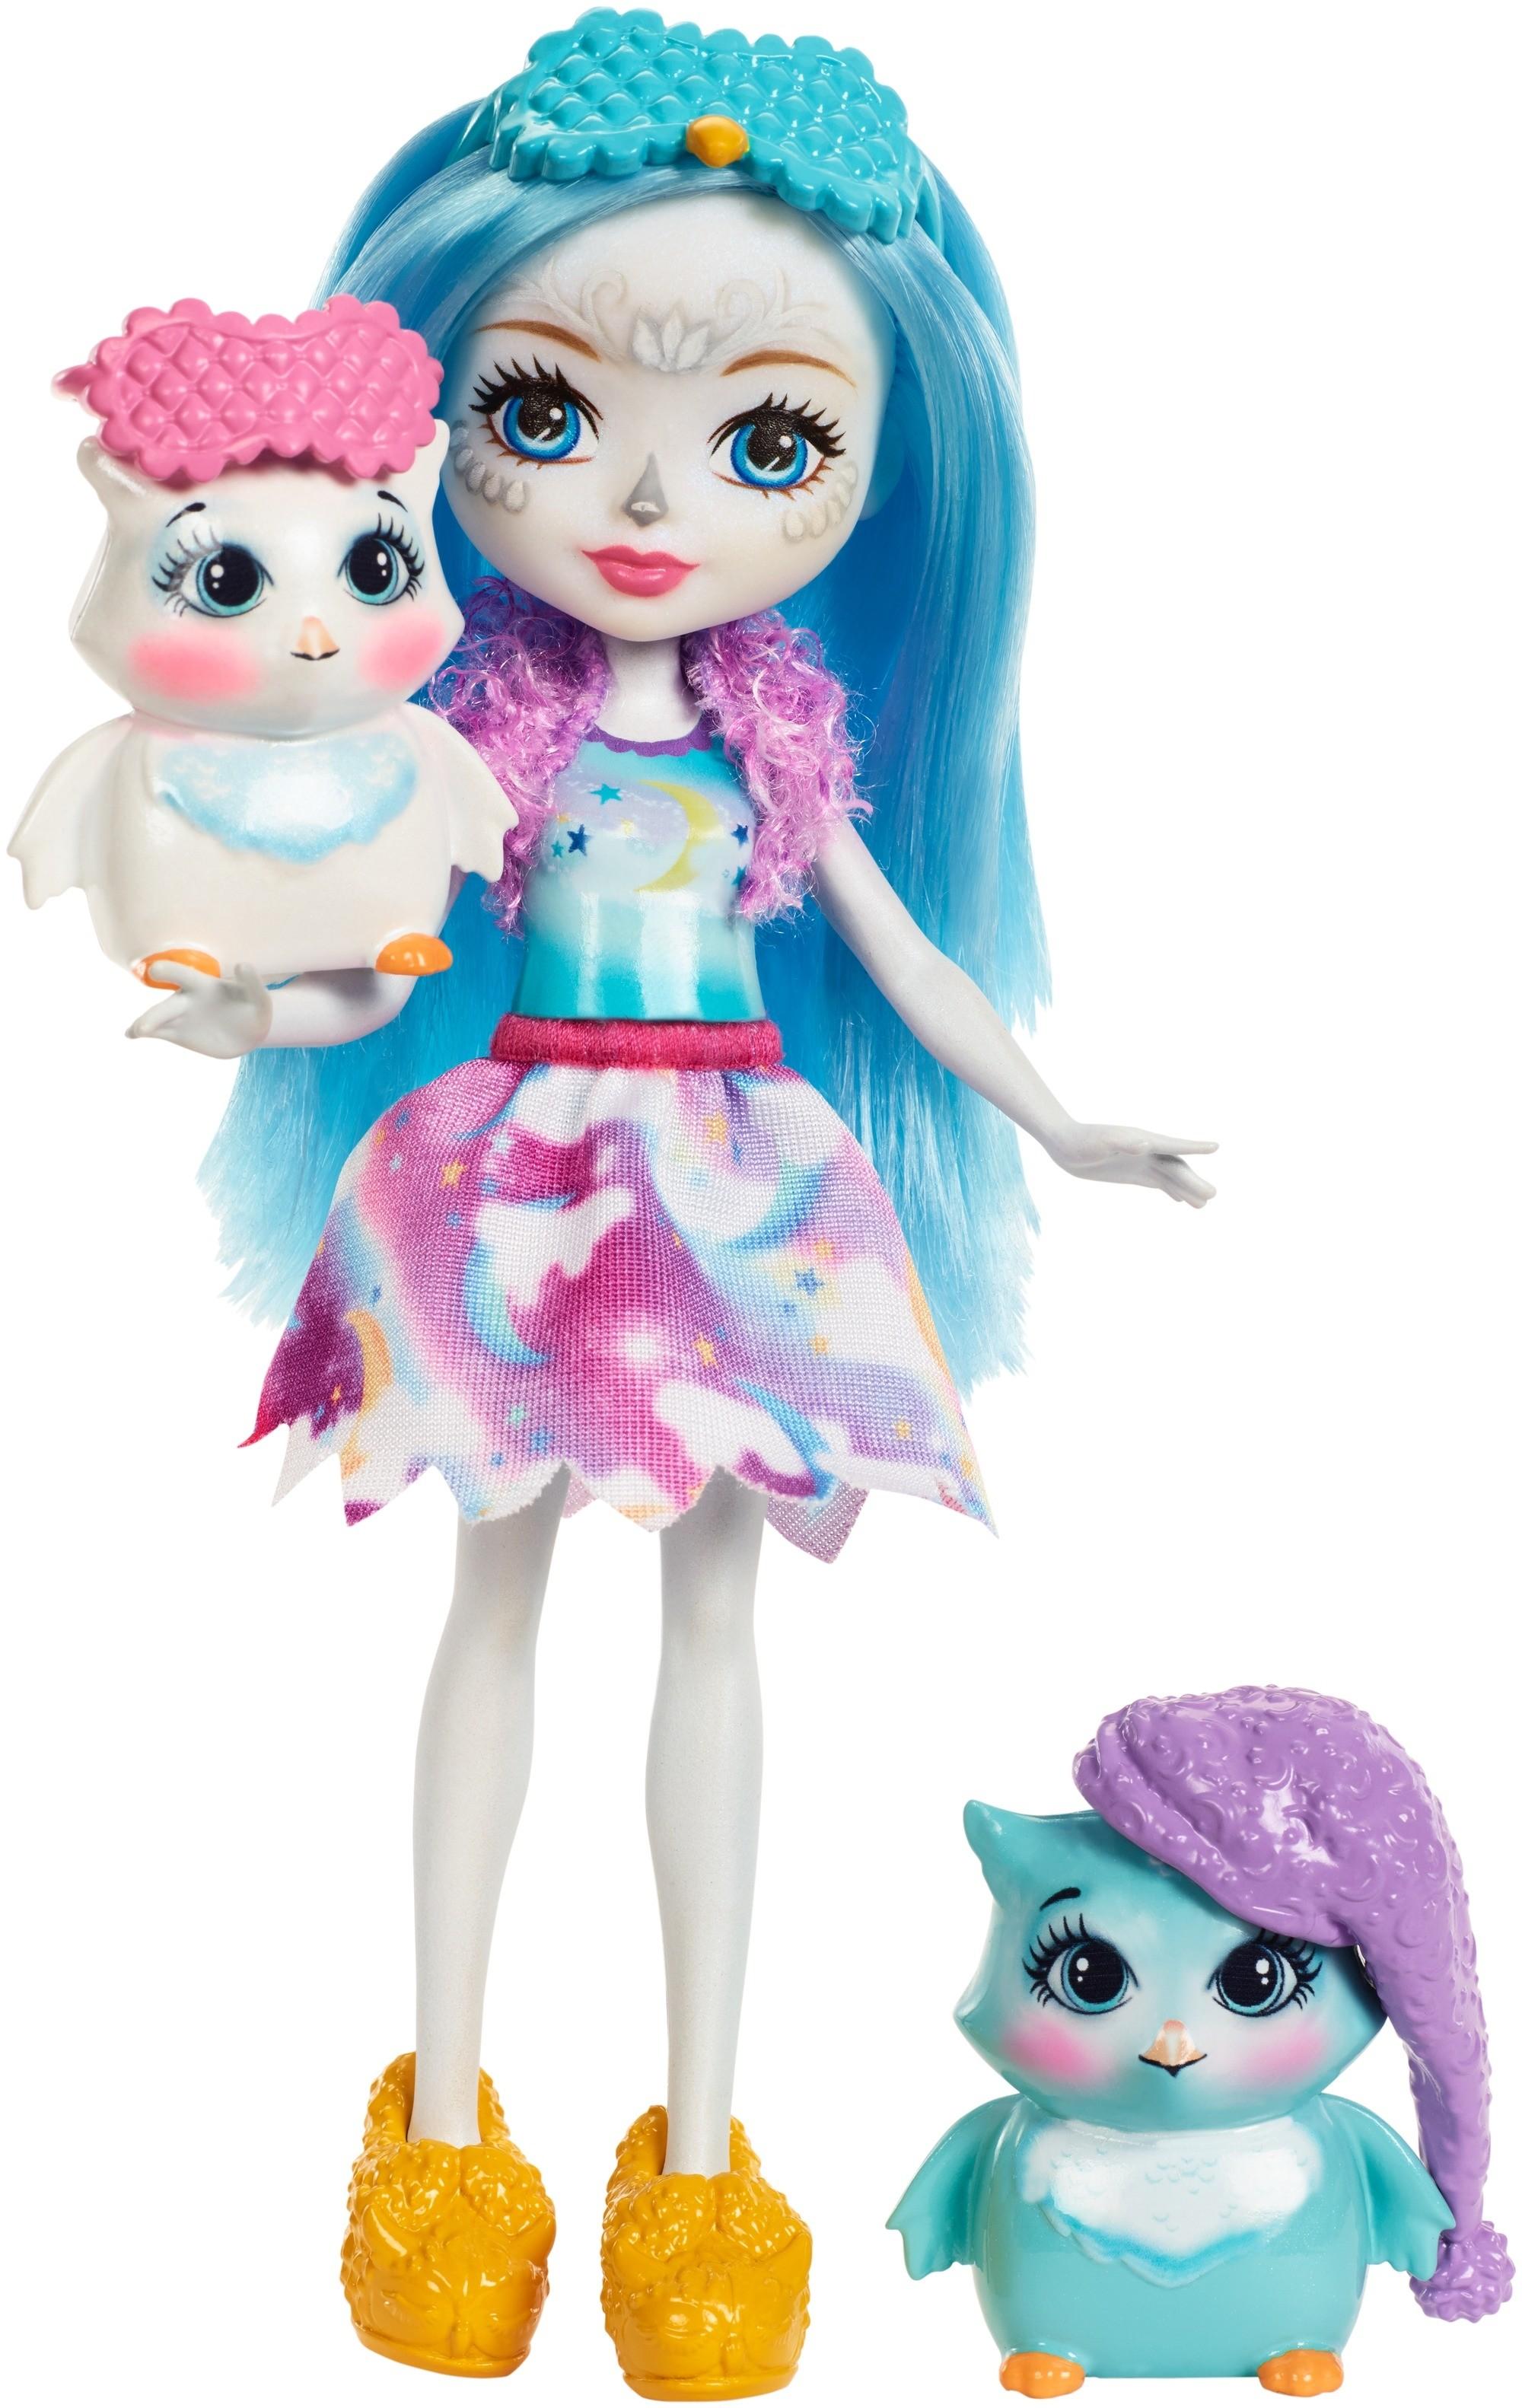 Фото - Игровой набор Mattel Кукла со зверюшкой и аксессуарами enchantimals игровой набор кукла со зверюшкой fnh22 fjj21